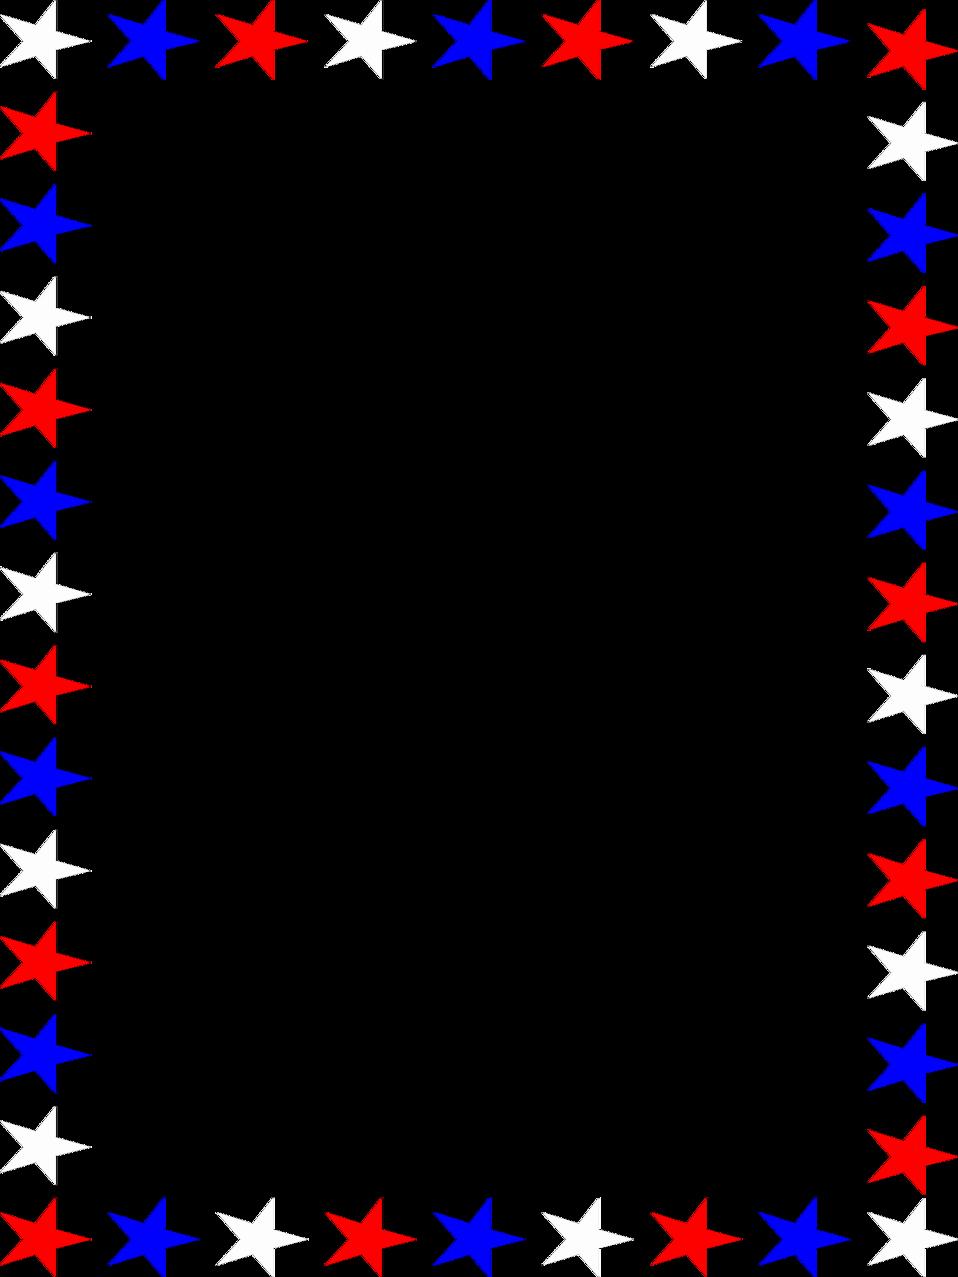 American Flag Border for Word Elegant Stars Free Stock